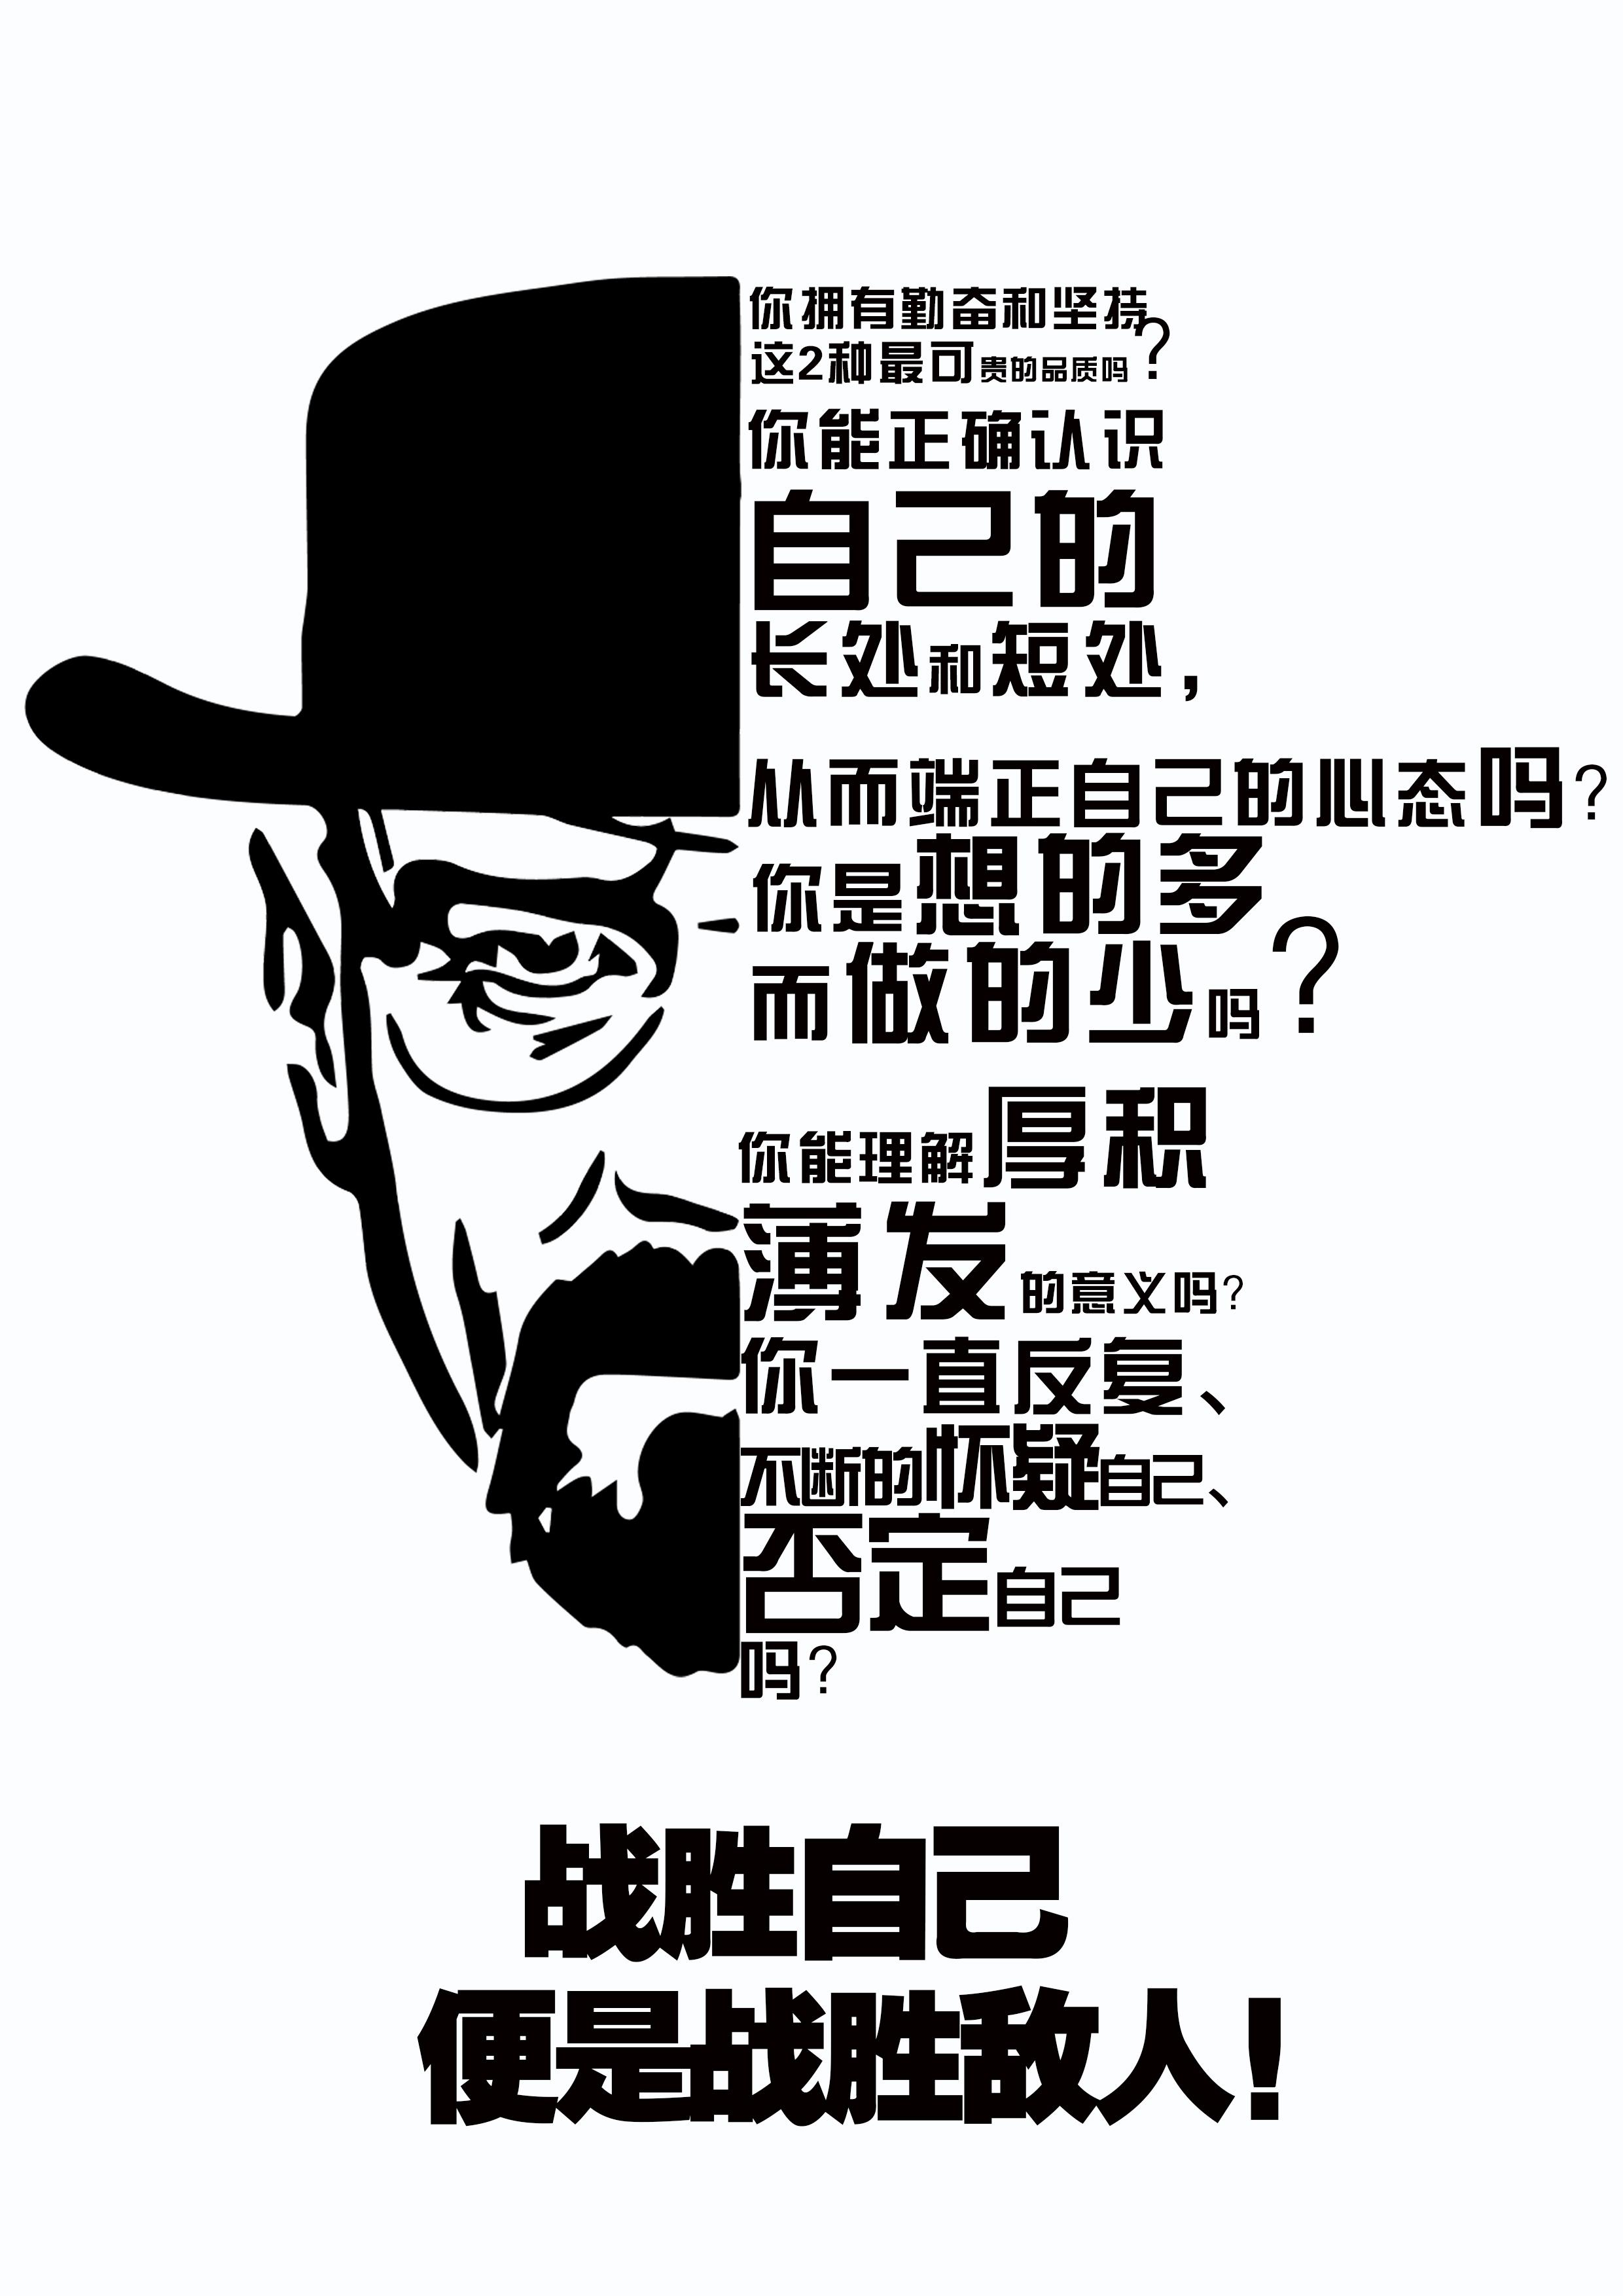 创意海报设计|平面|品牌|wanguan - 原创作品 - 站酷图片